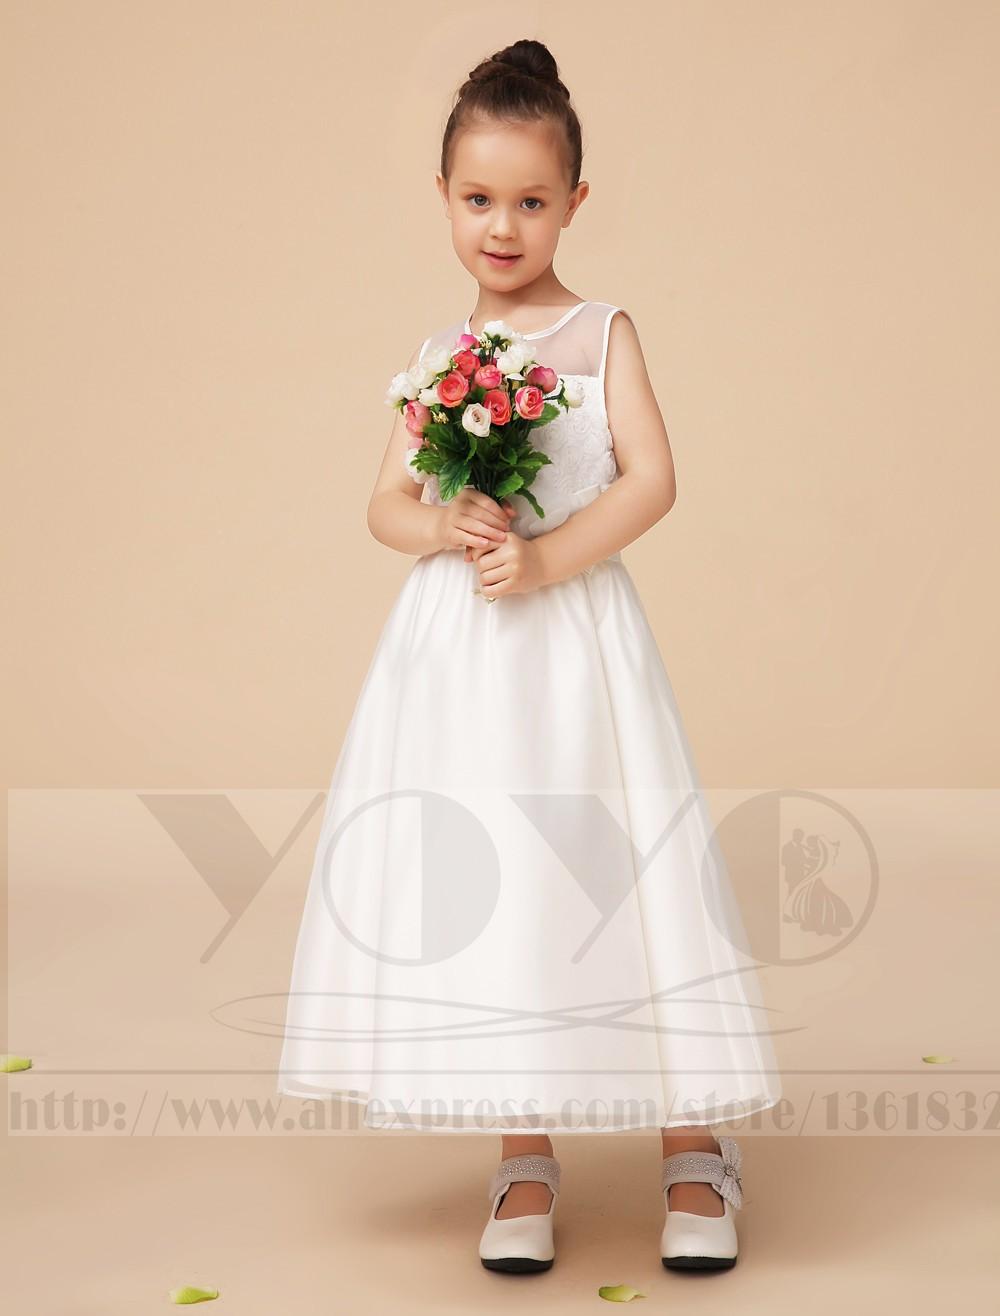 Скидки на Довольно линия свадьба цветочница платье с кружевной вышивки и створки дети маленькие девочки вечерние платья